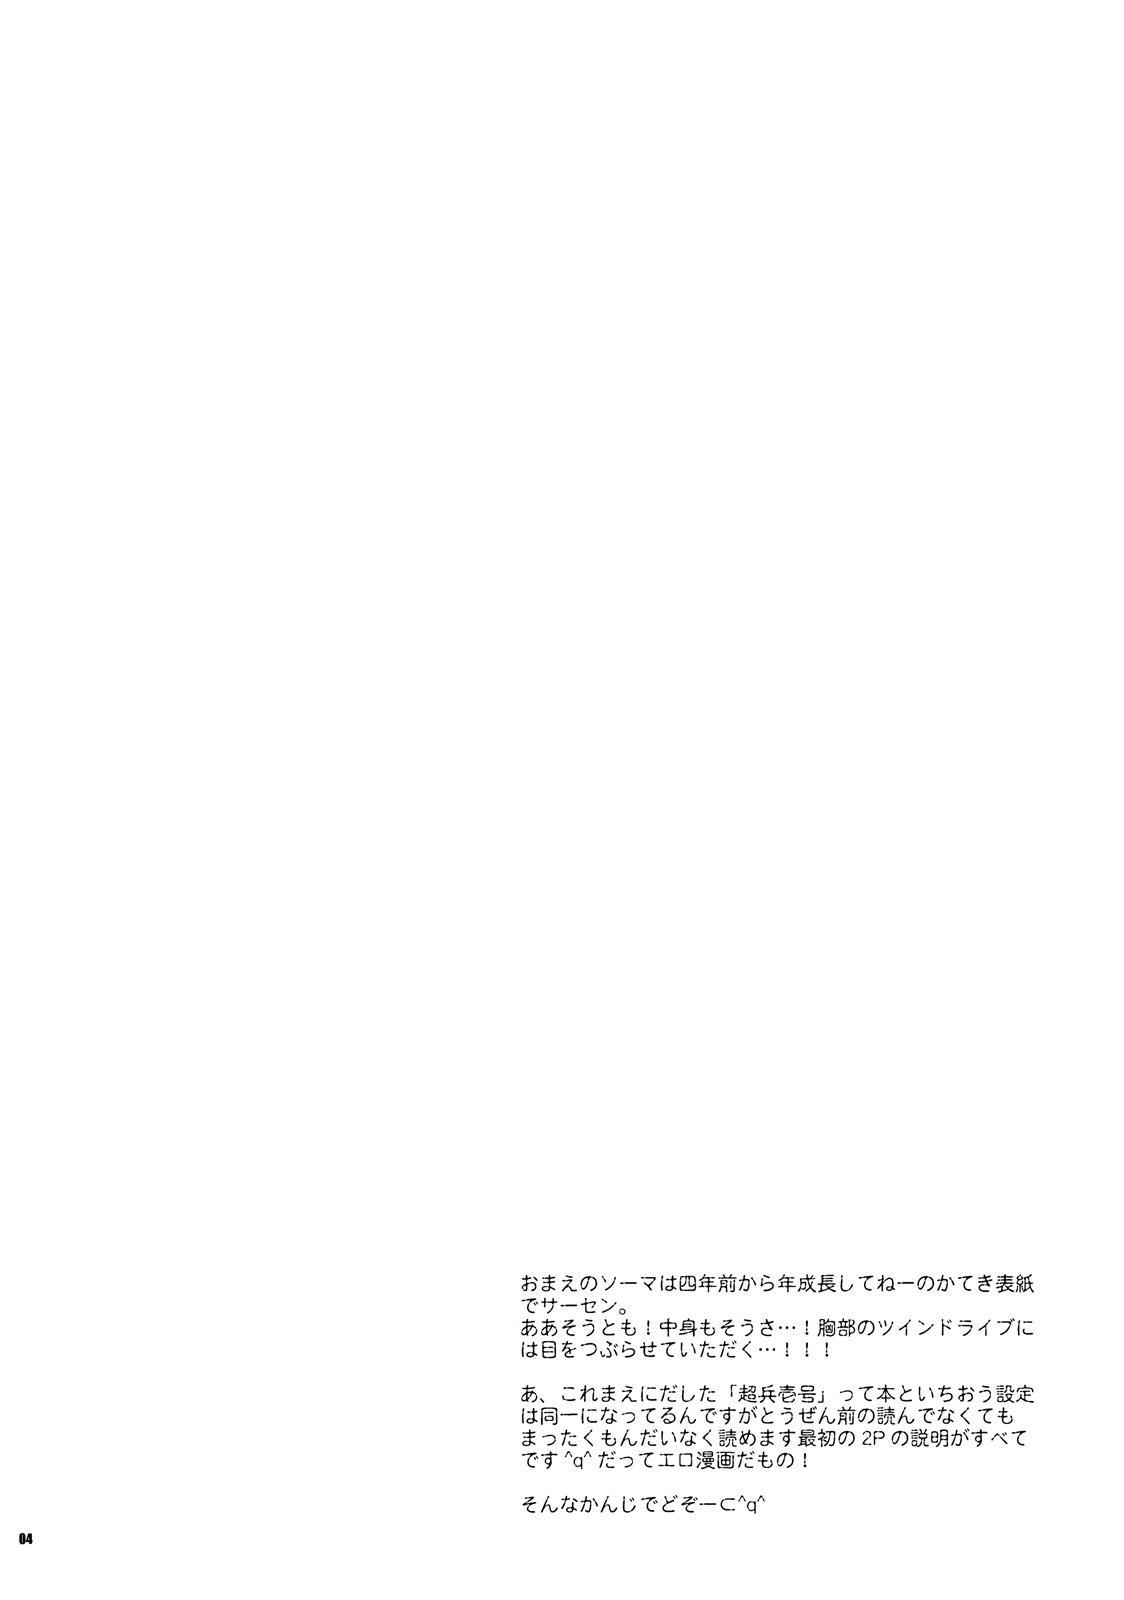 Chouhei Demo Daijoubu 2